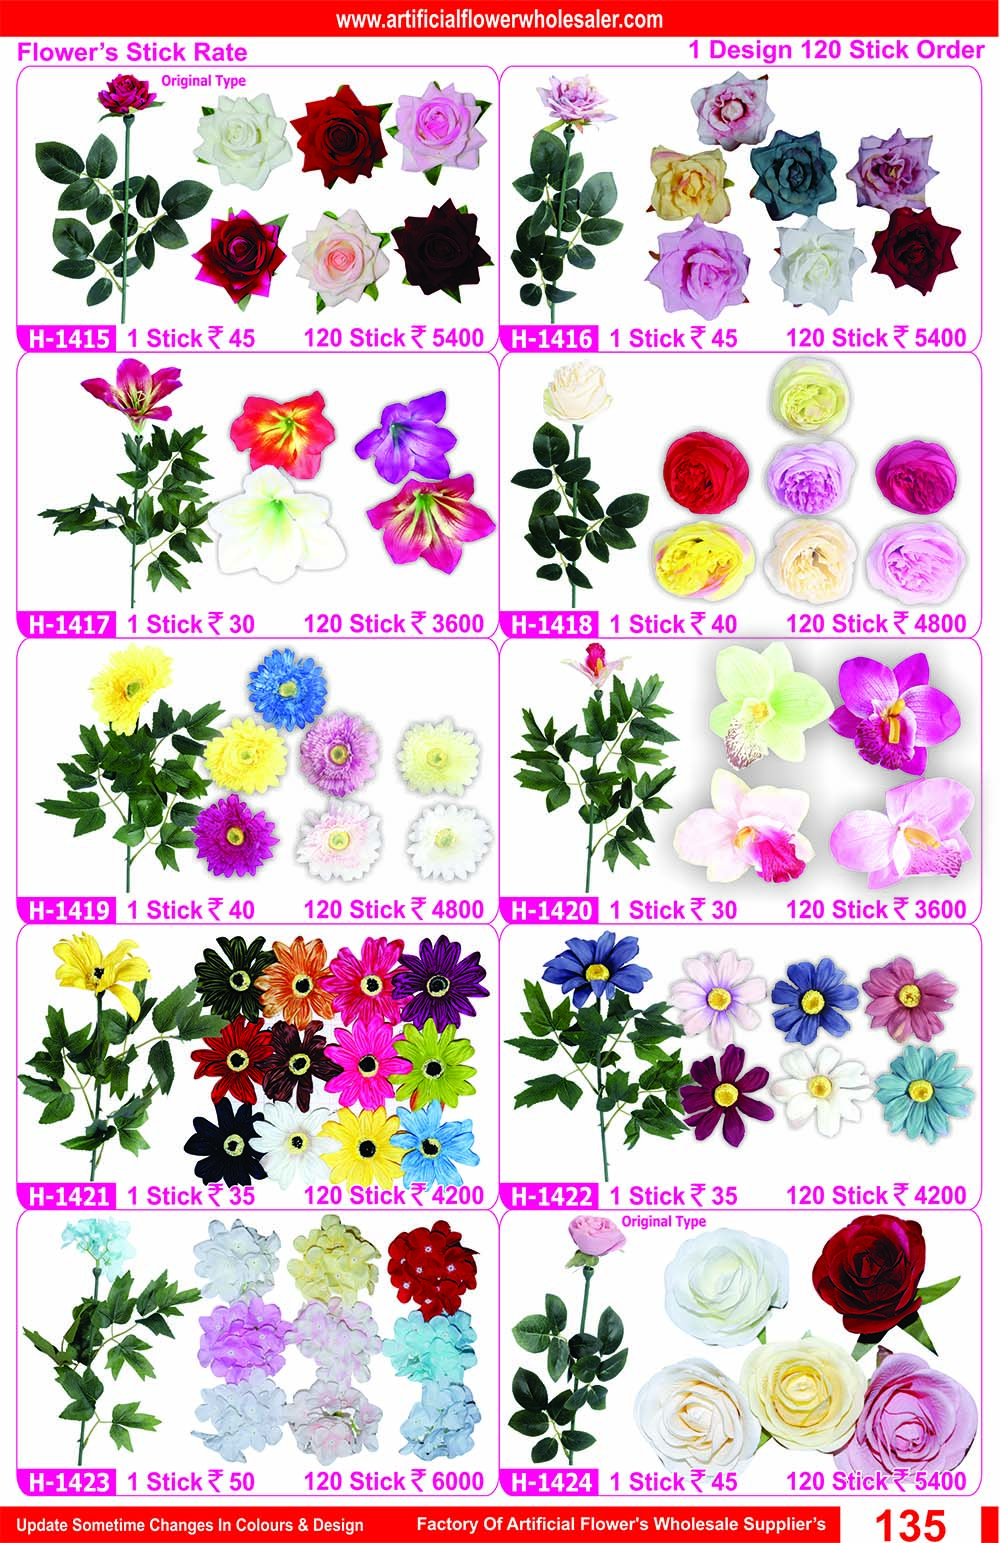 135-artificial-flower-wholesaler